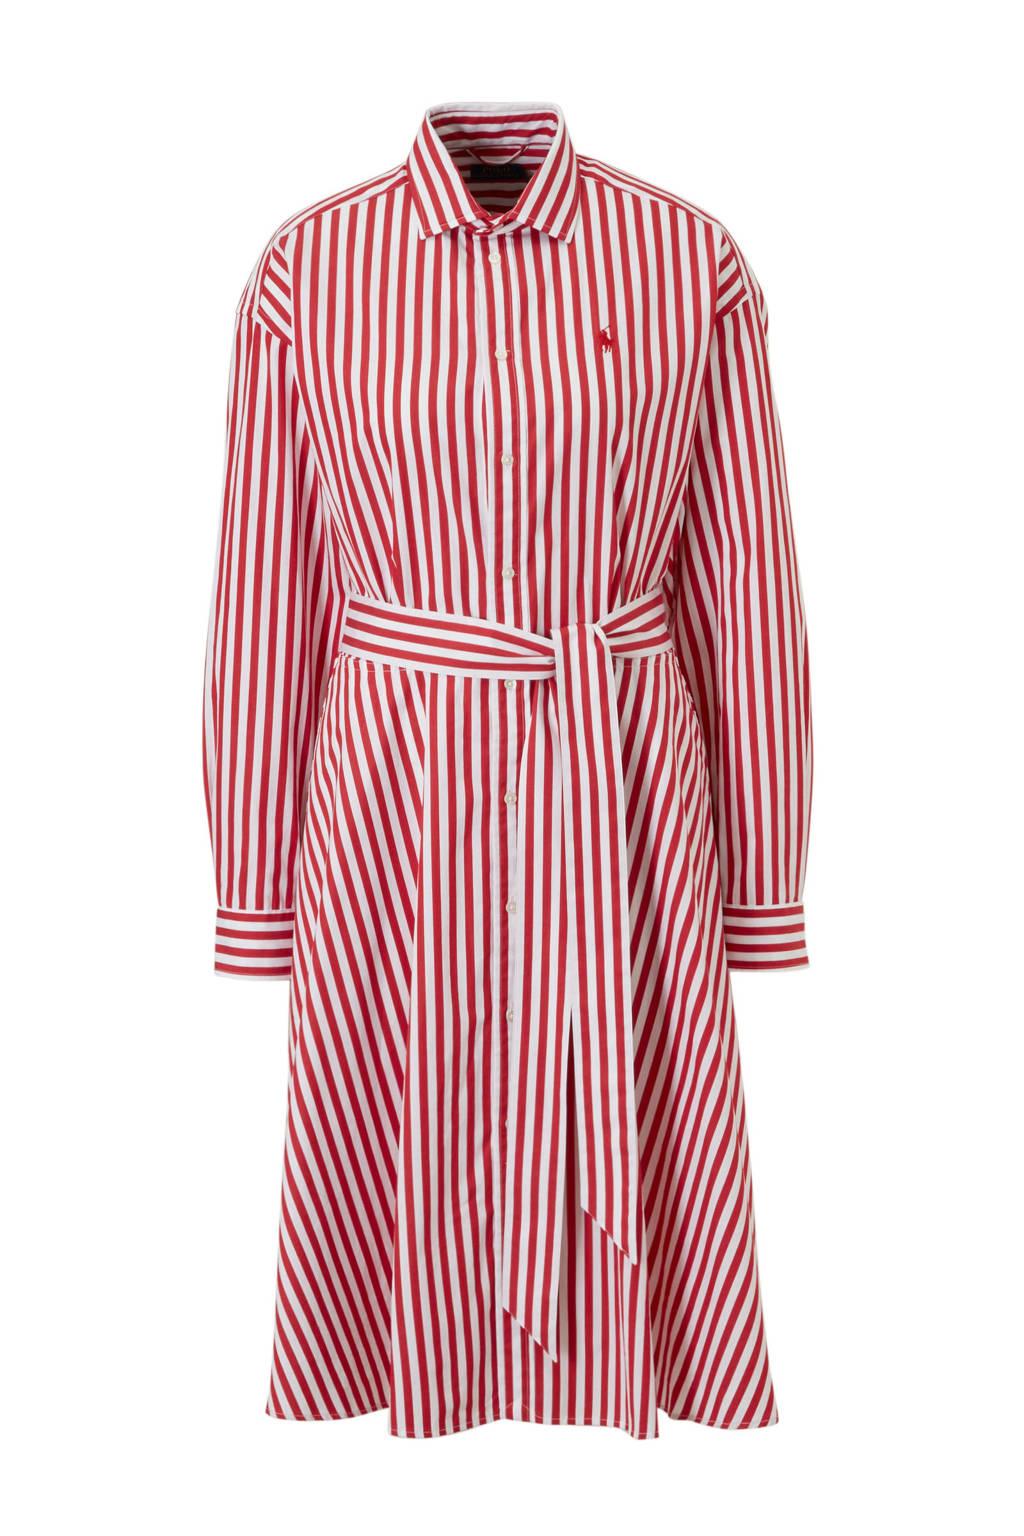 POLO Ralph Lauren jurk met strepen, Rood/wit